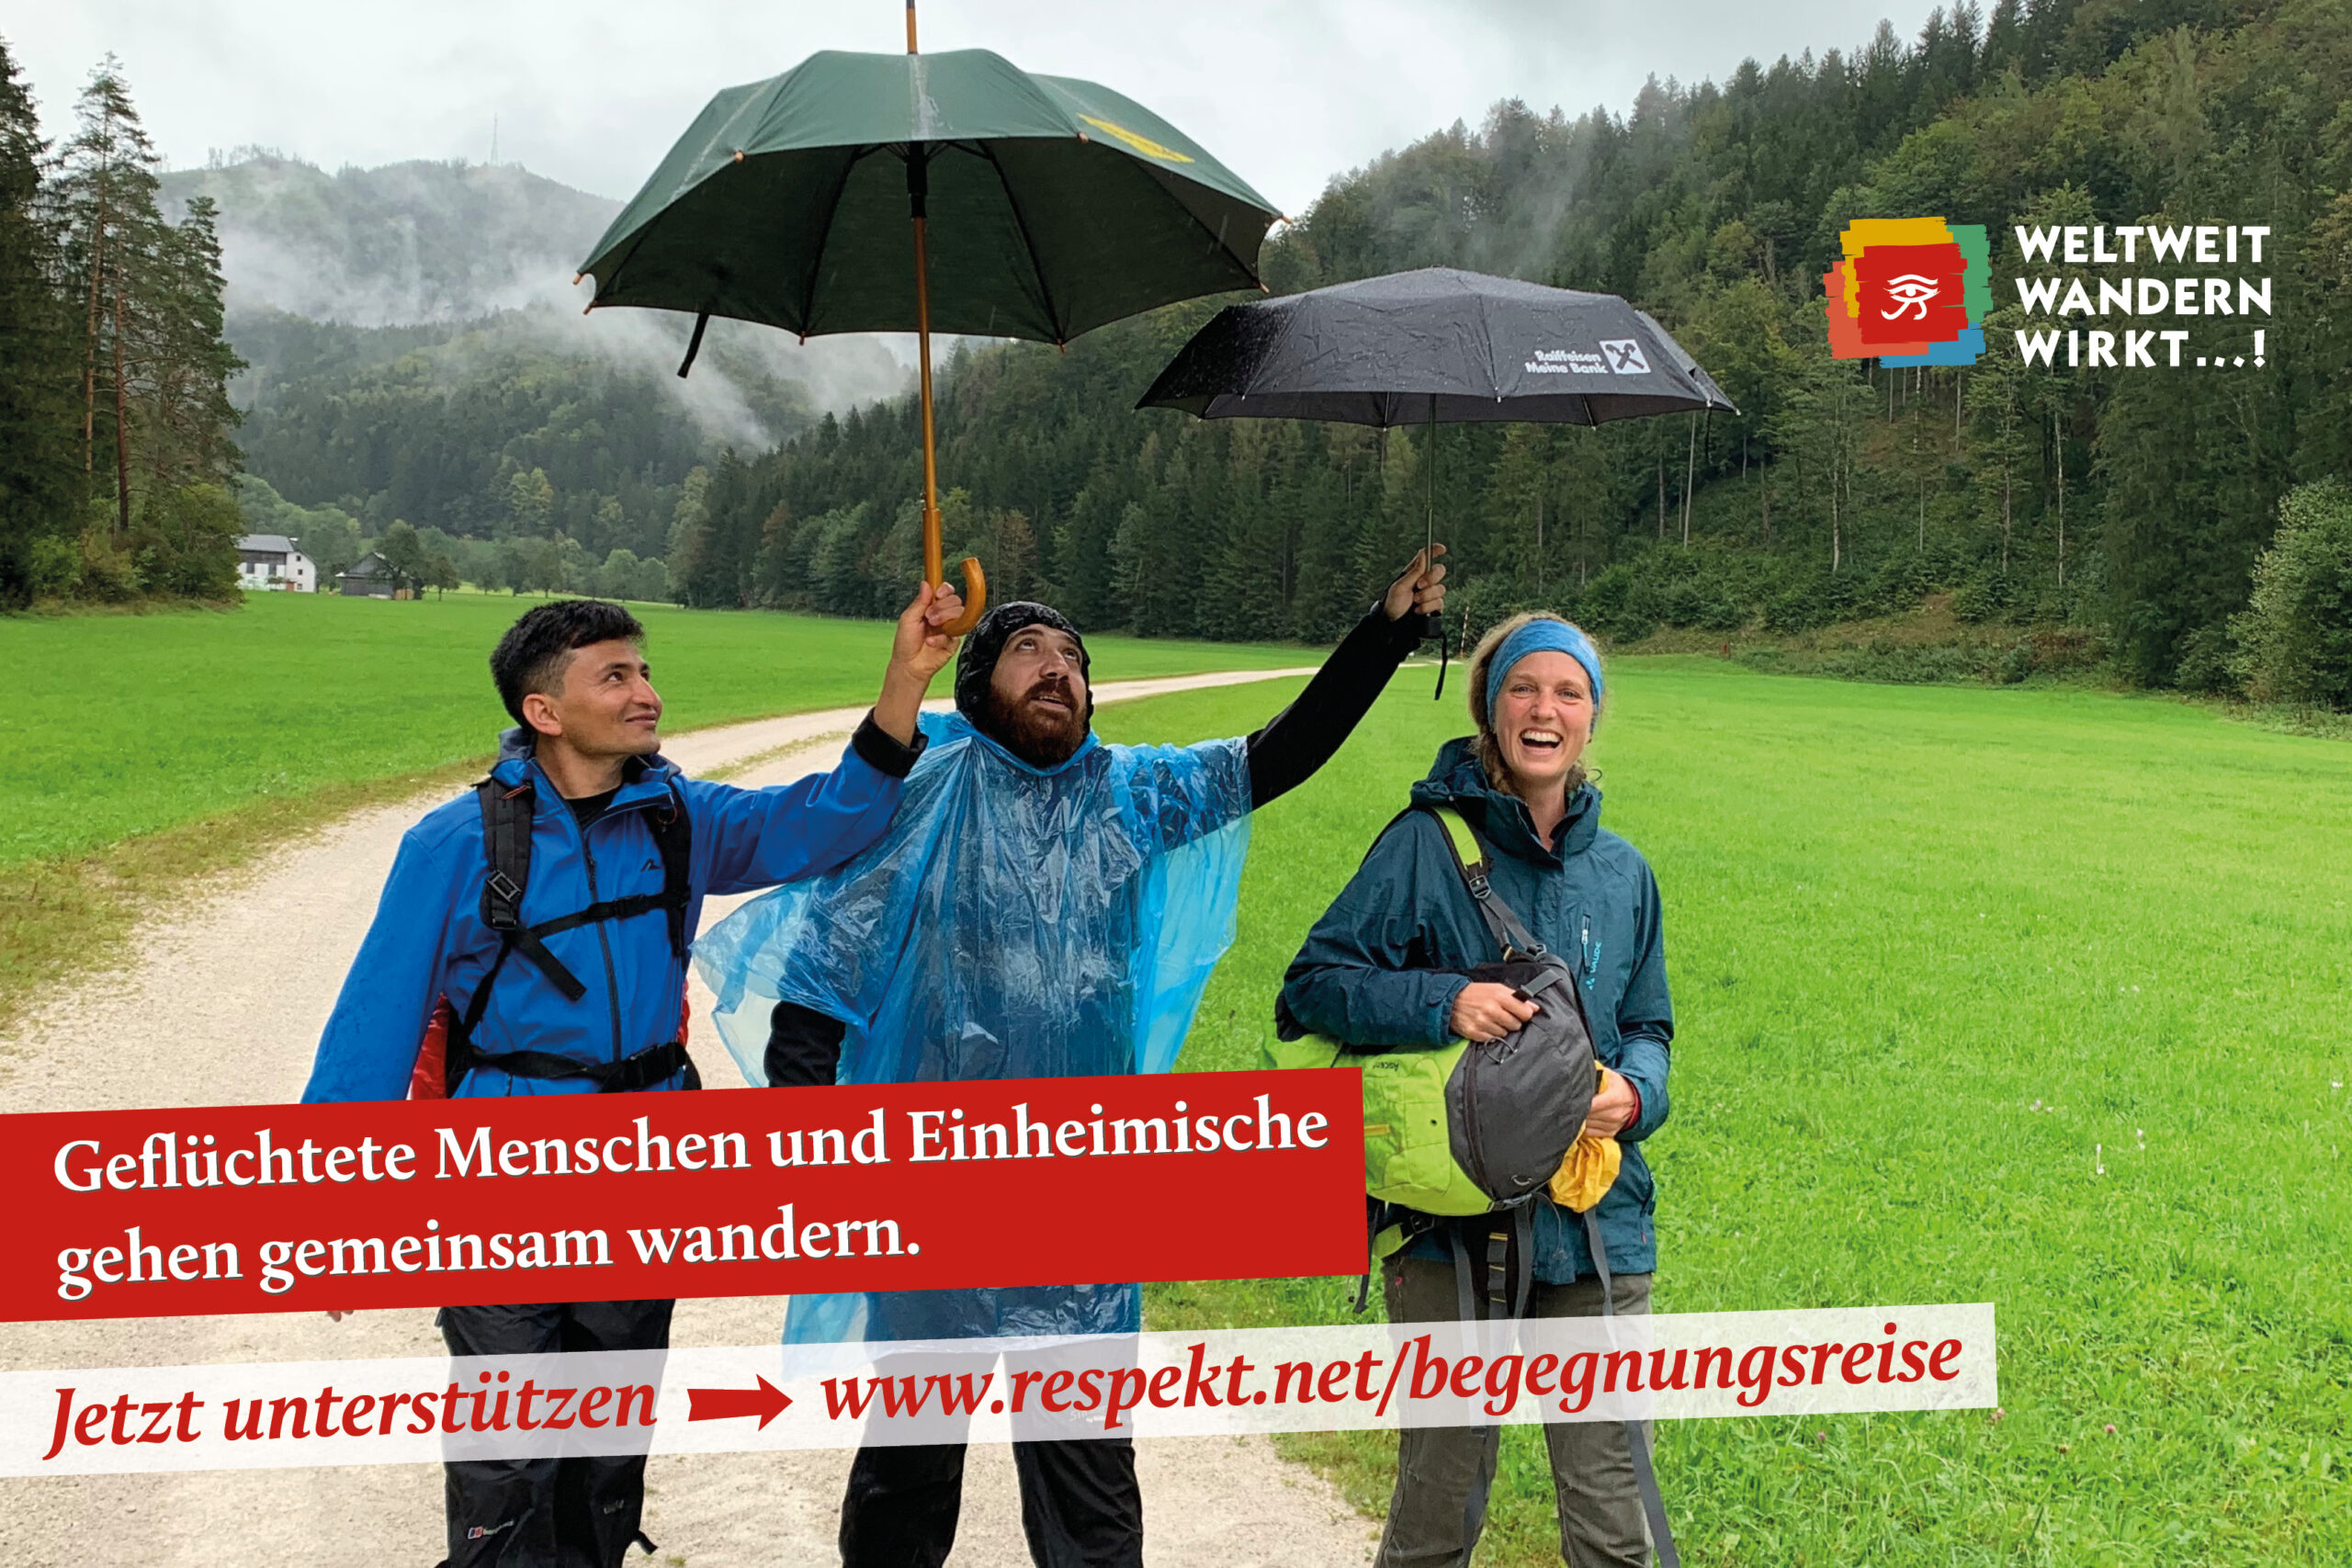 kampagnenbild_begegnungsreise_website_1620x1080